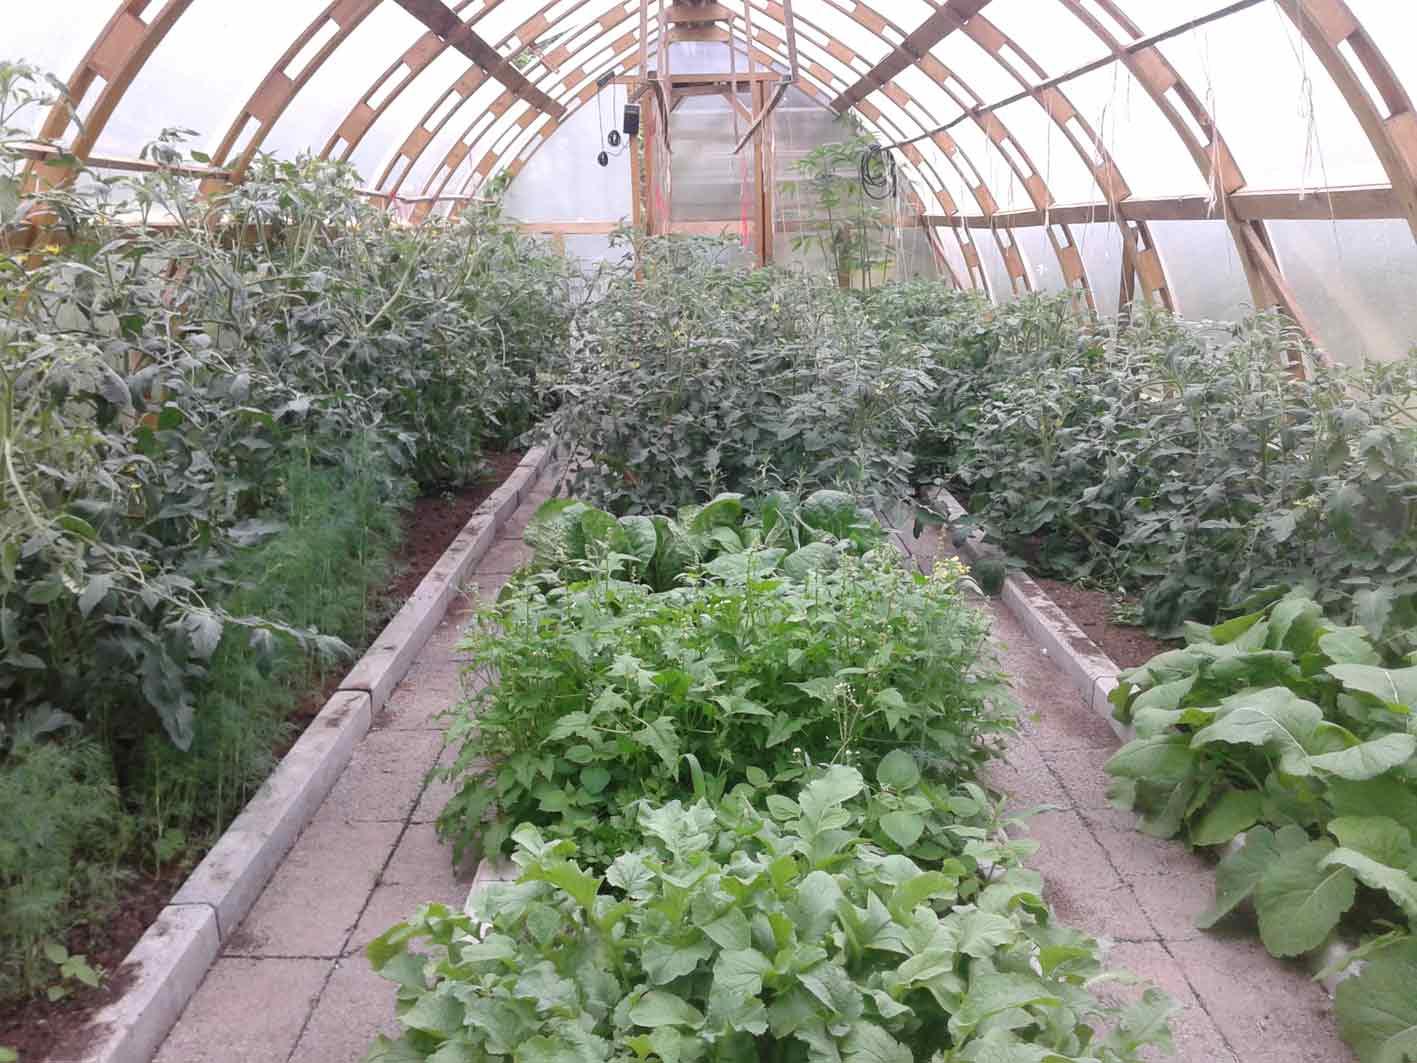 Отапливаемая теплица – оптимальный вариант конструкции для тропических растений и огородных культур, нуждающихся в постоянном контроле роста и развития, а также особенных температурных показателях и параметрах влажности